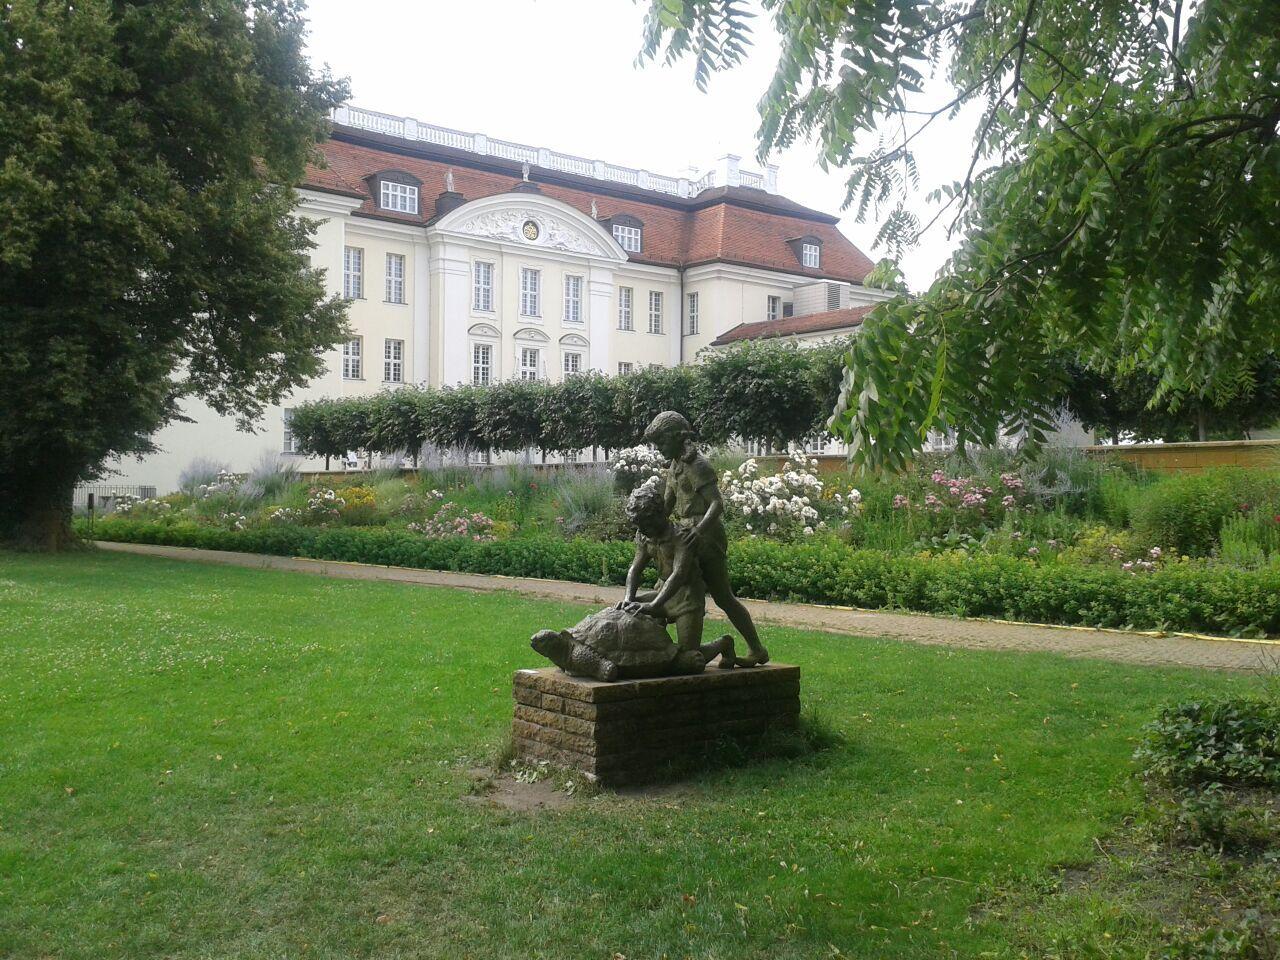 Skulptur von Kindern mit Schildkröte im Park des Schloss Köpenick. Foto: Regina Oelsner